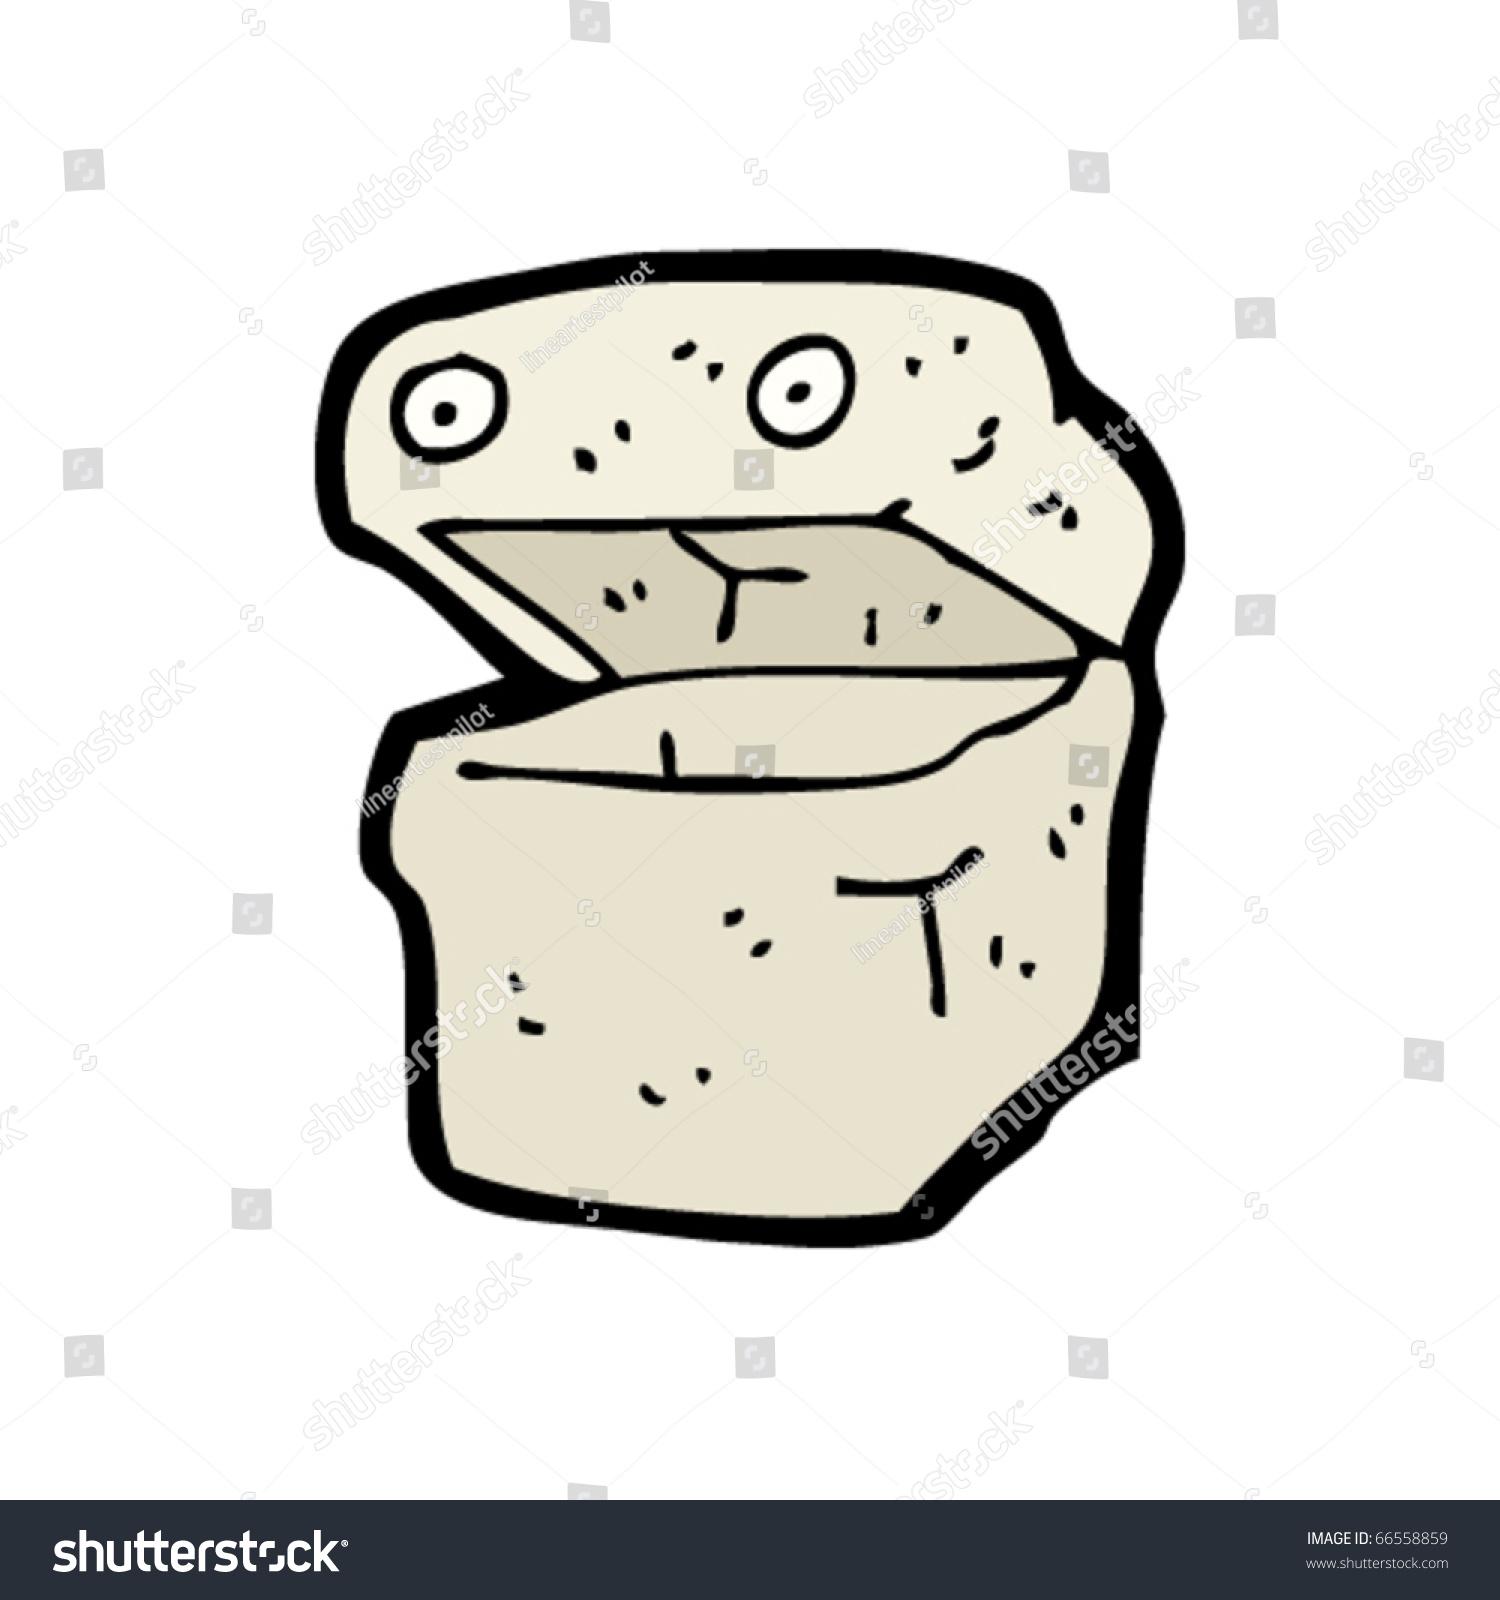 Happy Food Container Cartoon Stock Vector 66558859 - Shutterstock